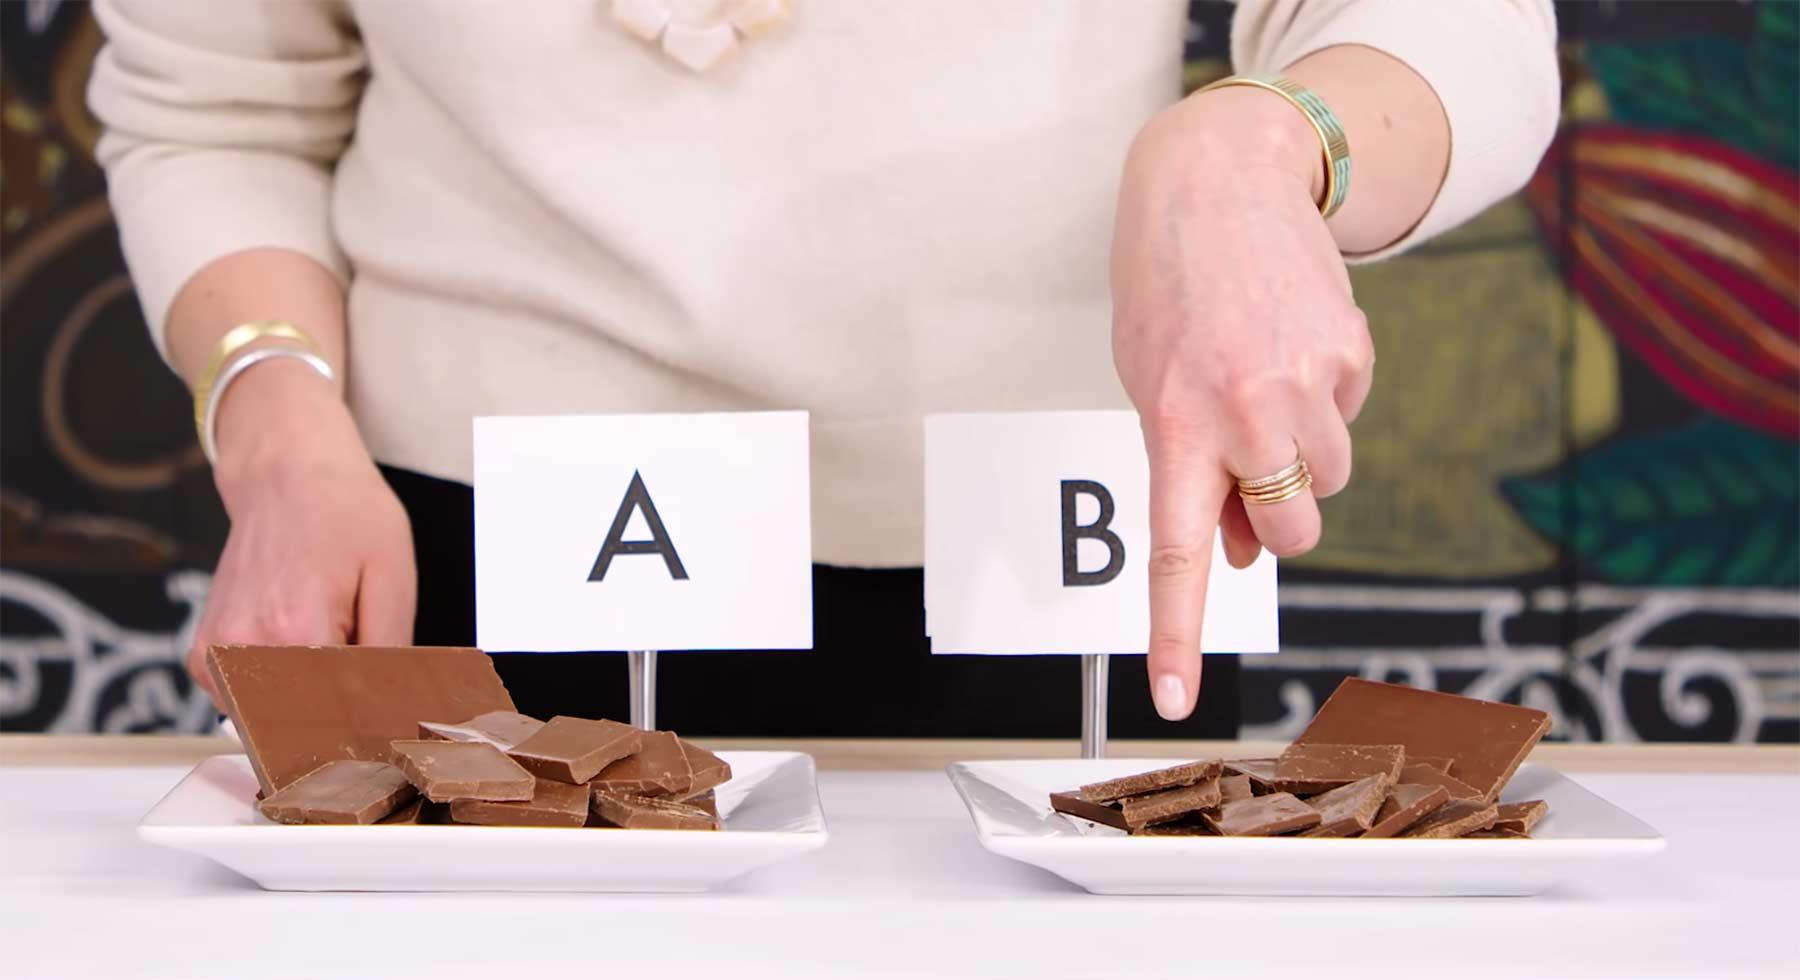 Expertin erläutert, woran man gute Schokolade erkennt